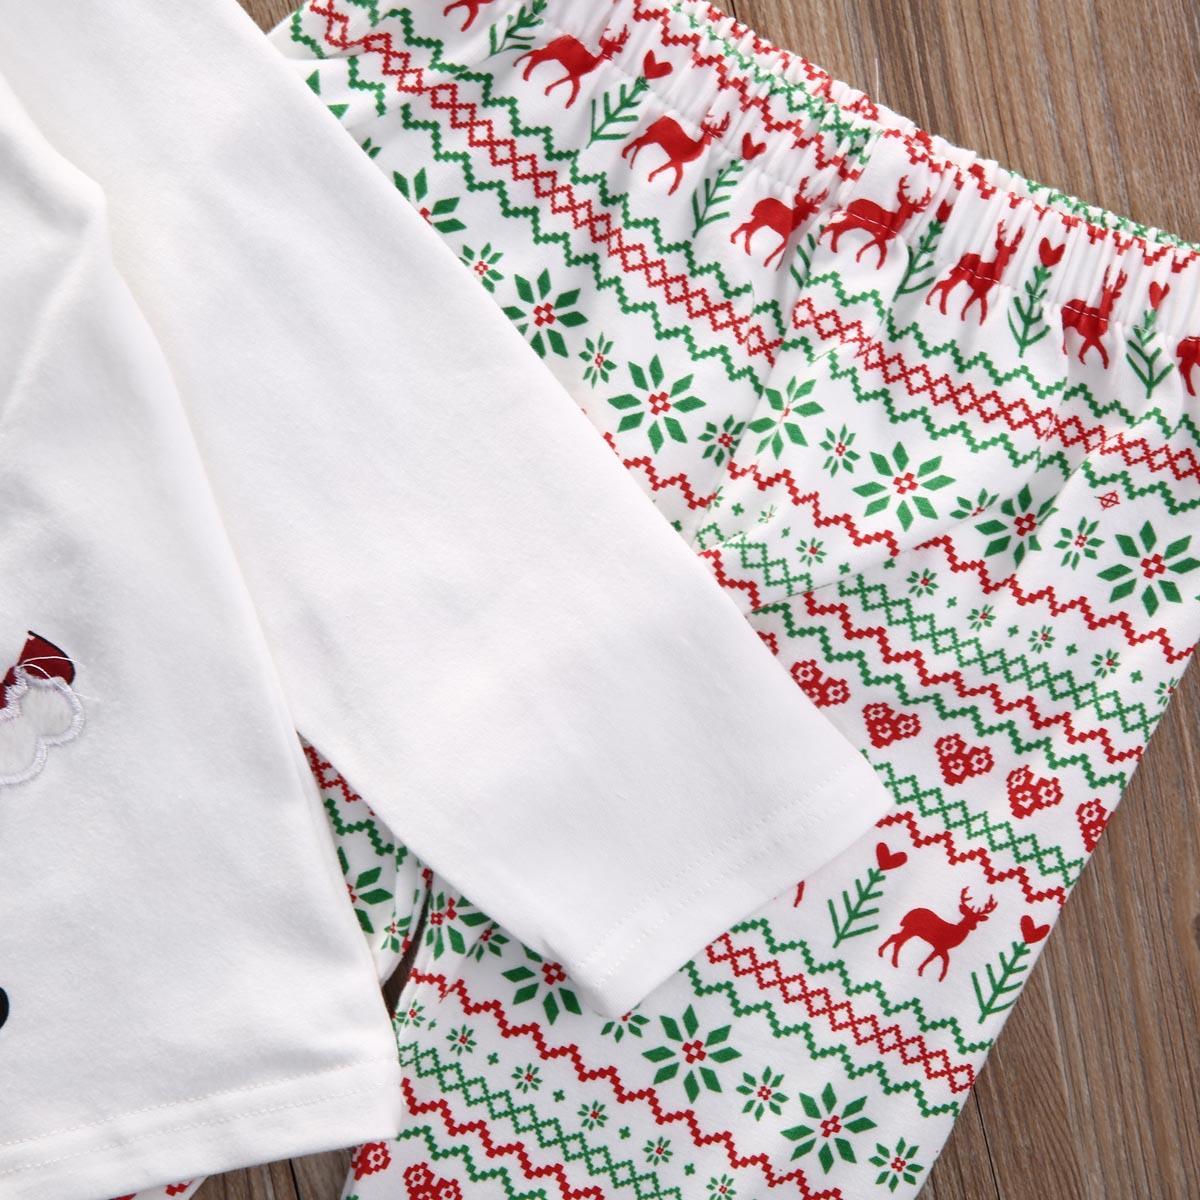 Baby Weihnachten Kleidung Set Baby Deer Sankt Nachtwäsche Pyjamas Pj Outfit Set Nachtwäsche